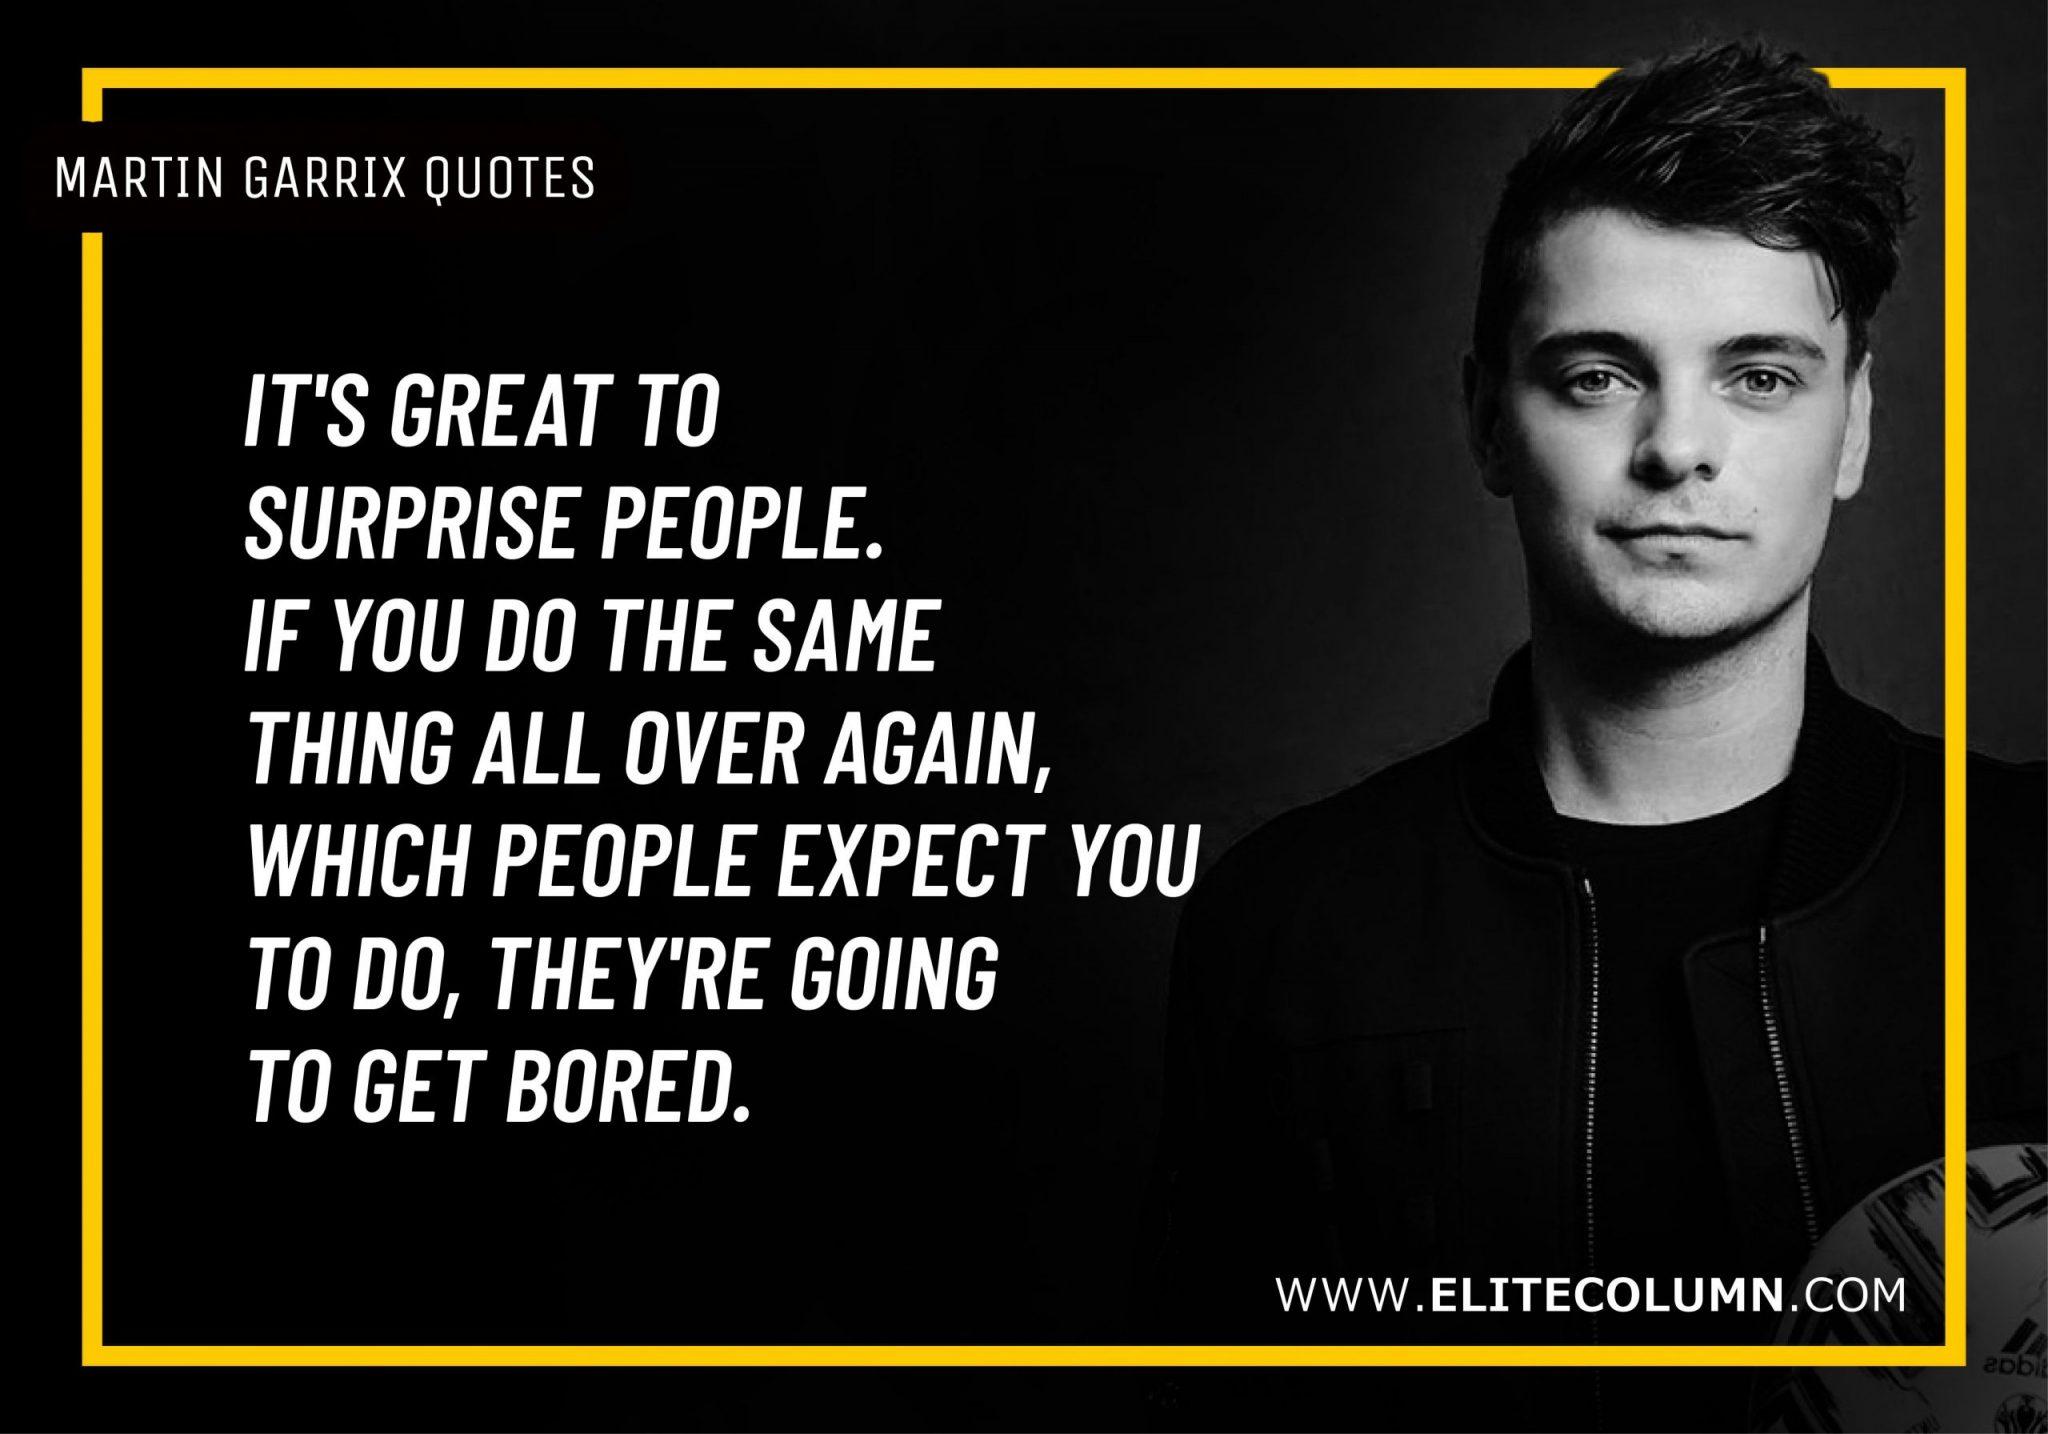 Martin Garrix Quotes (6)